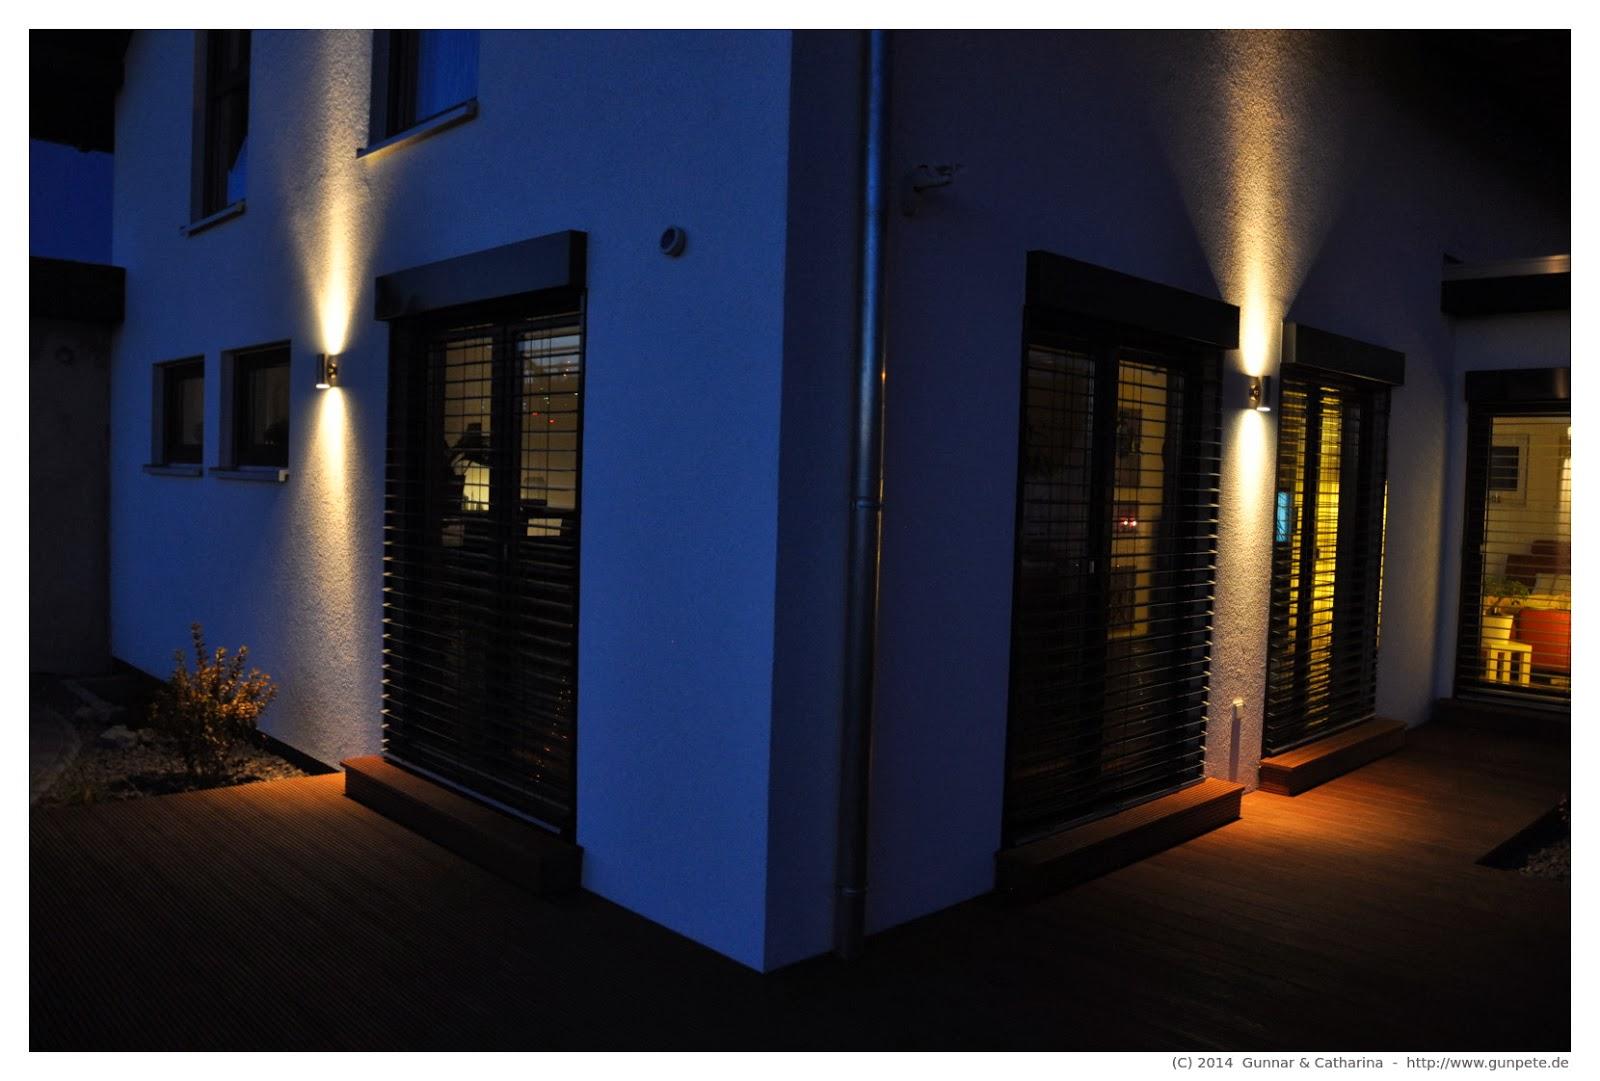 gunnar catharina wir bauen unser fingerhaus au enlampen terrasse montiert unebenheiten. Black Bedroom Furniture Sets. Home Design Ideas